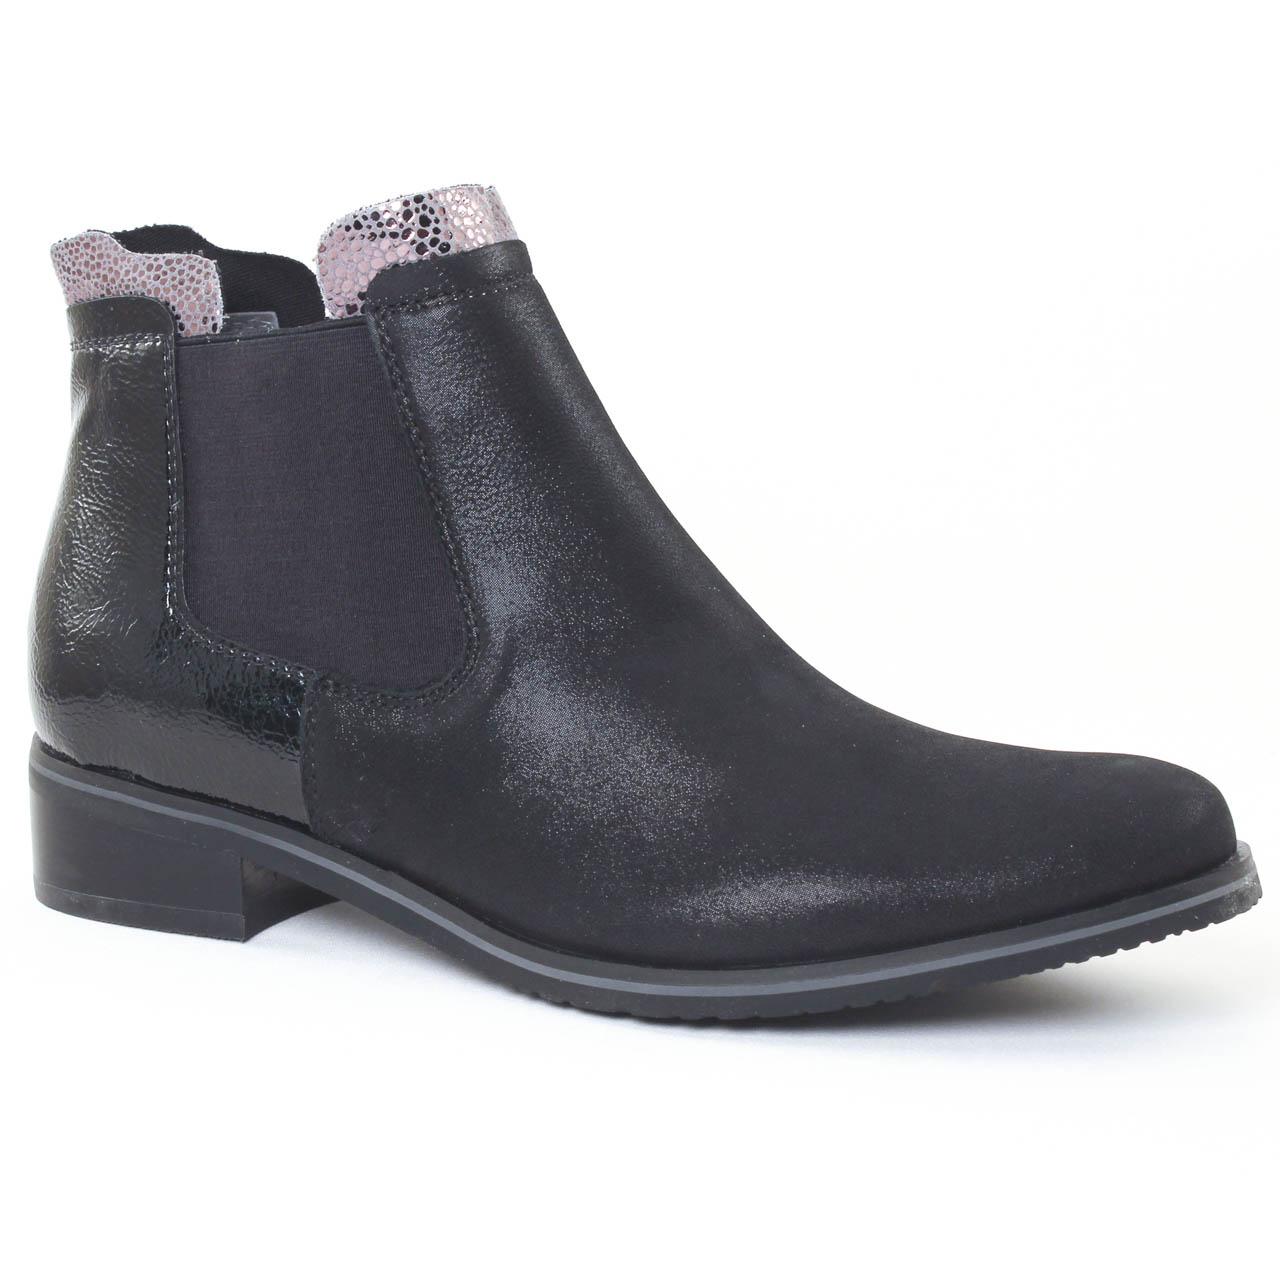 fugitive velvet compo metal noir | boot élastiquées noir vernis